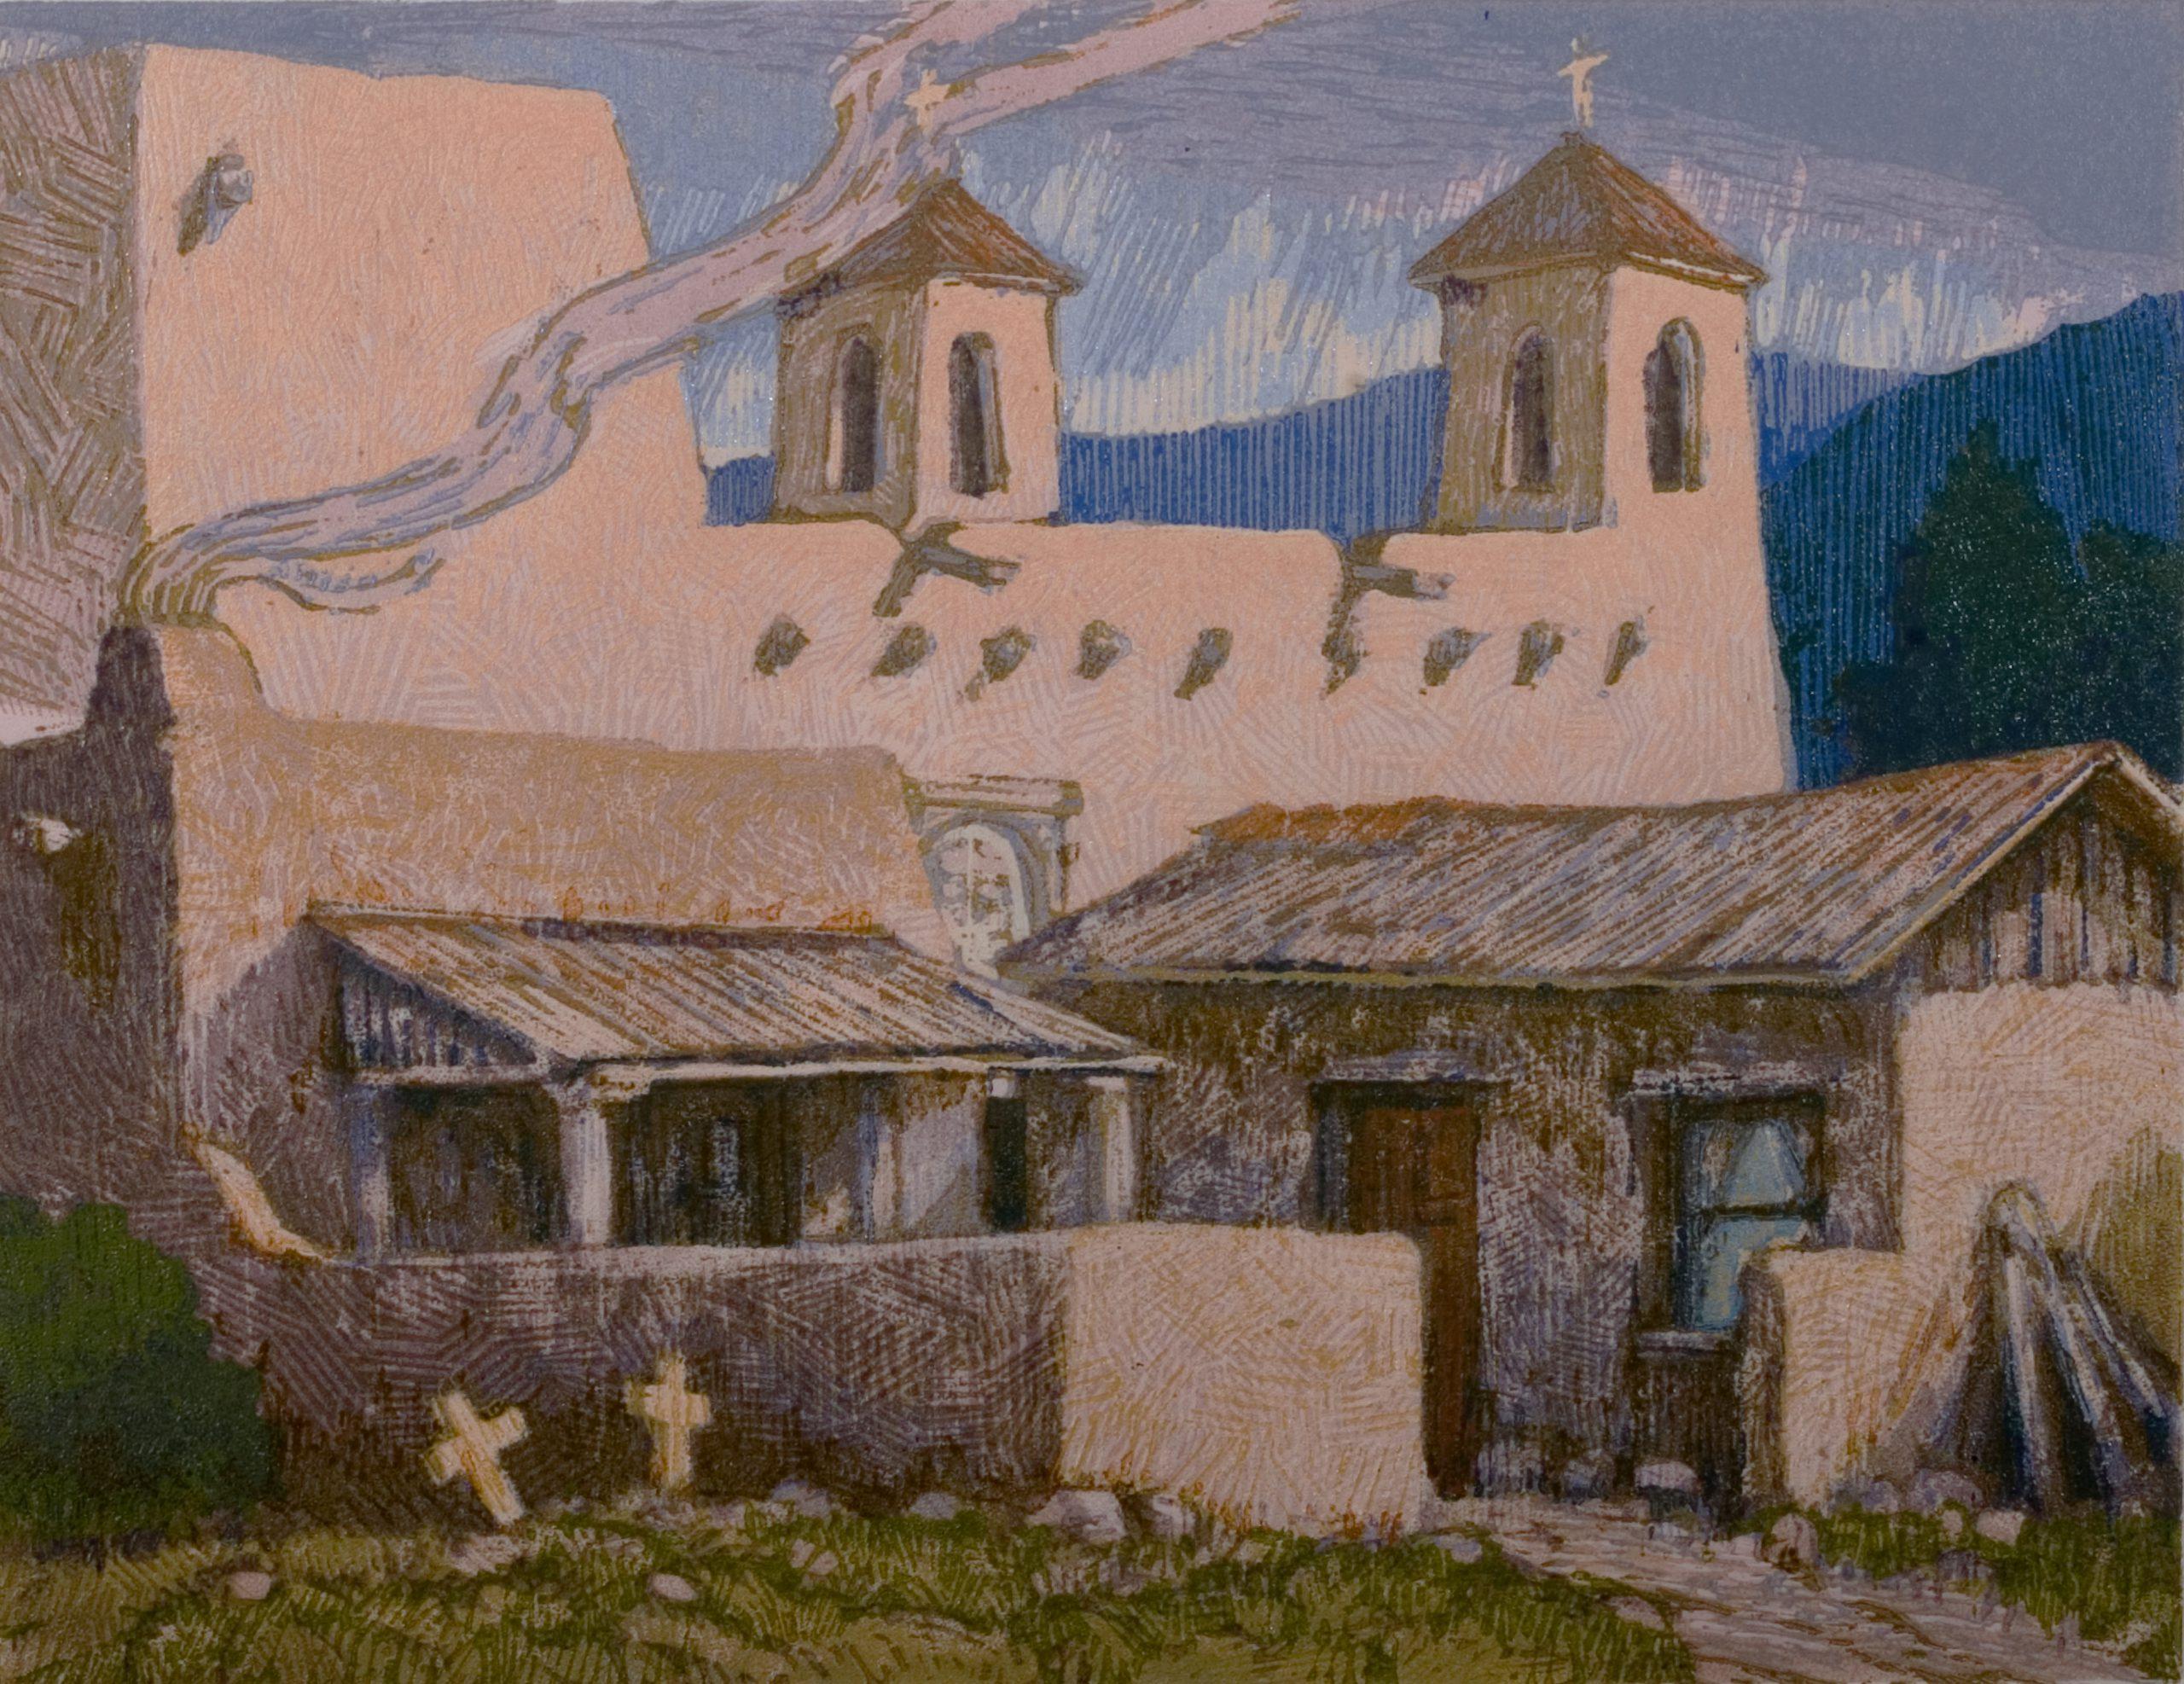 Leon Loughridge - April At Ranchos 1/12